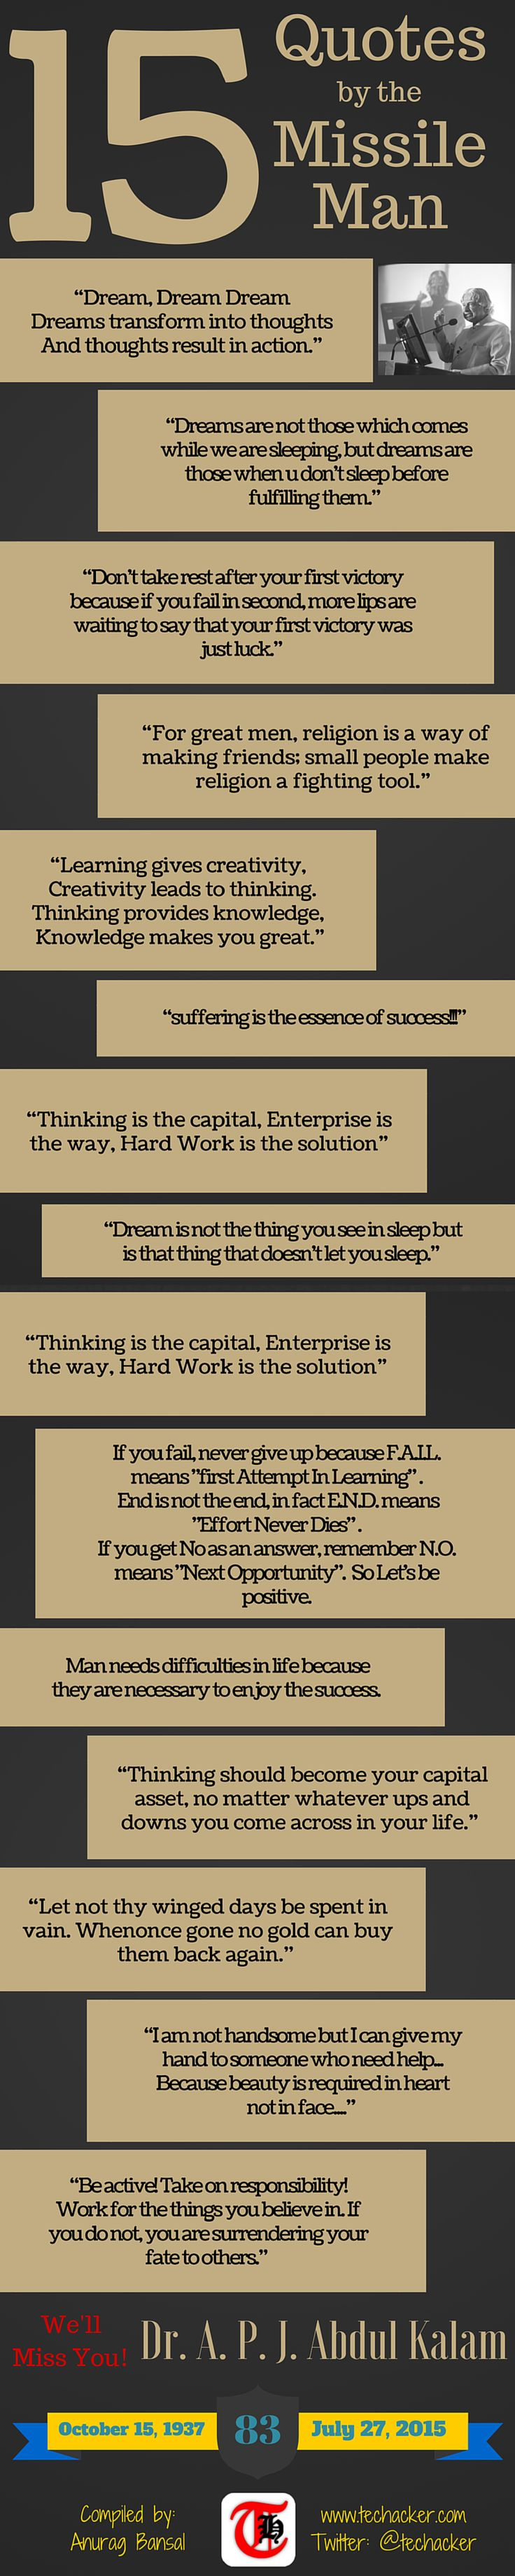 15 Quotes of Wisdom from Dr. APJ Abdul Kalam